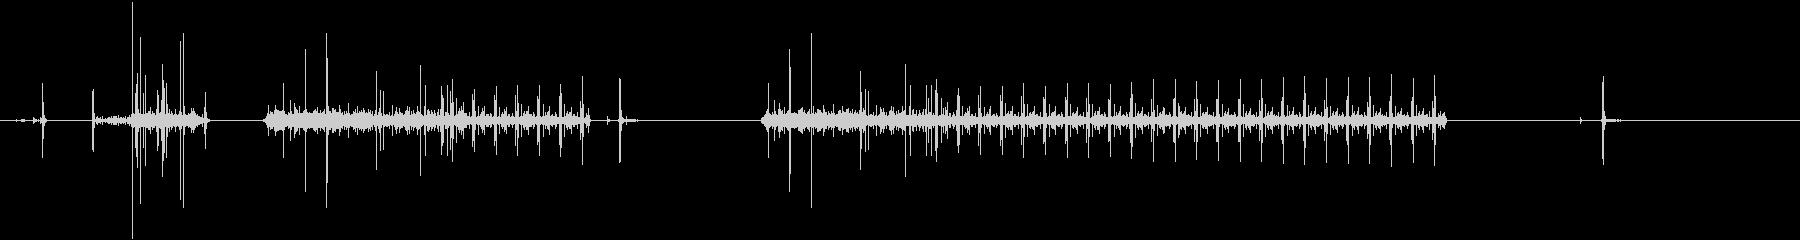 古い音楽蓄音機の未再生の波形